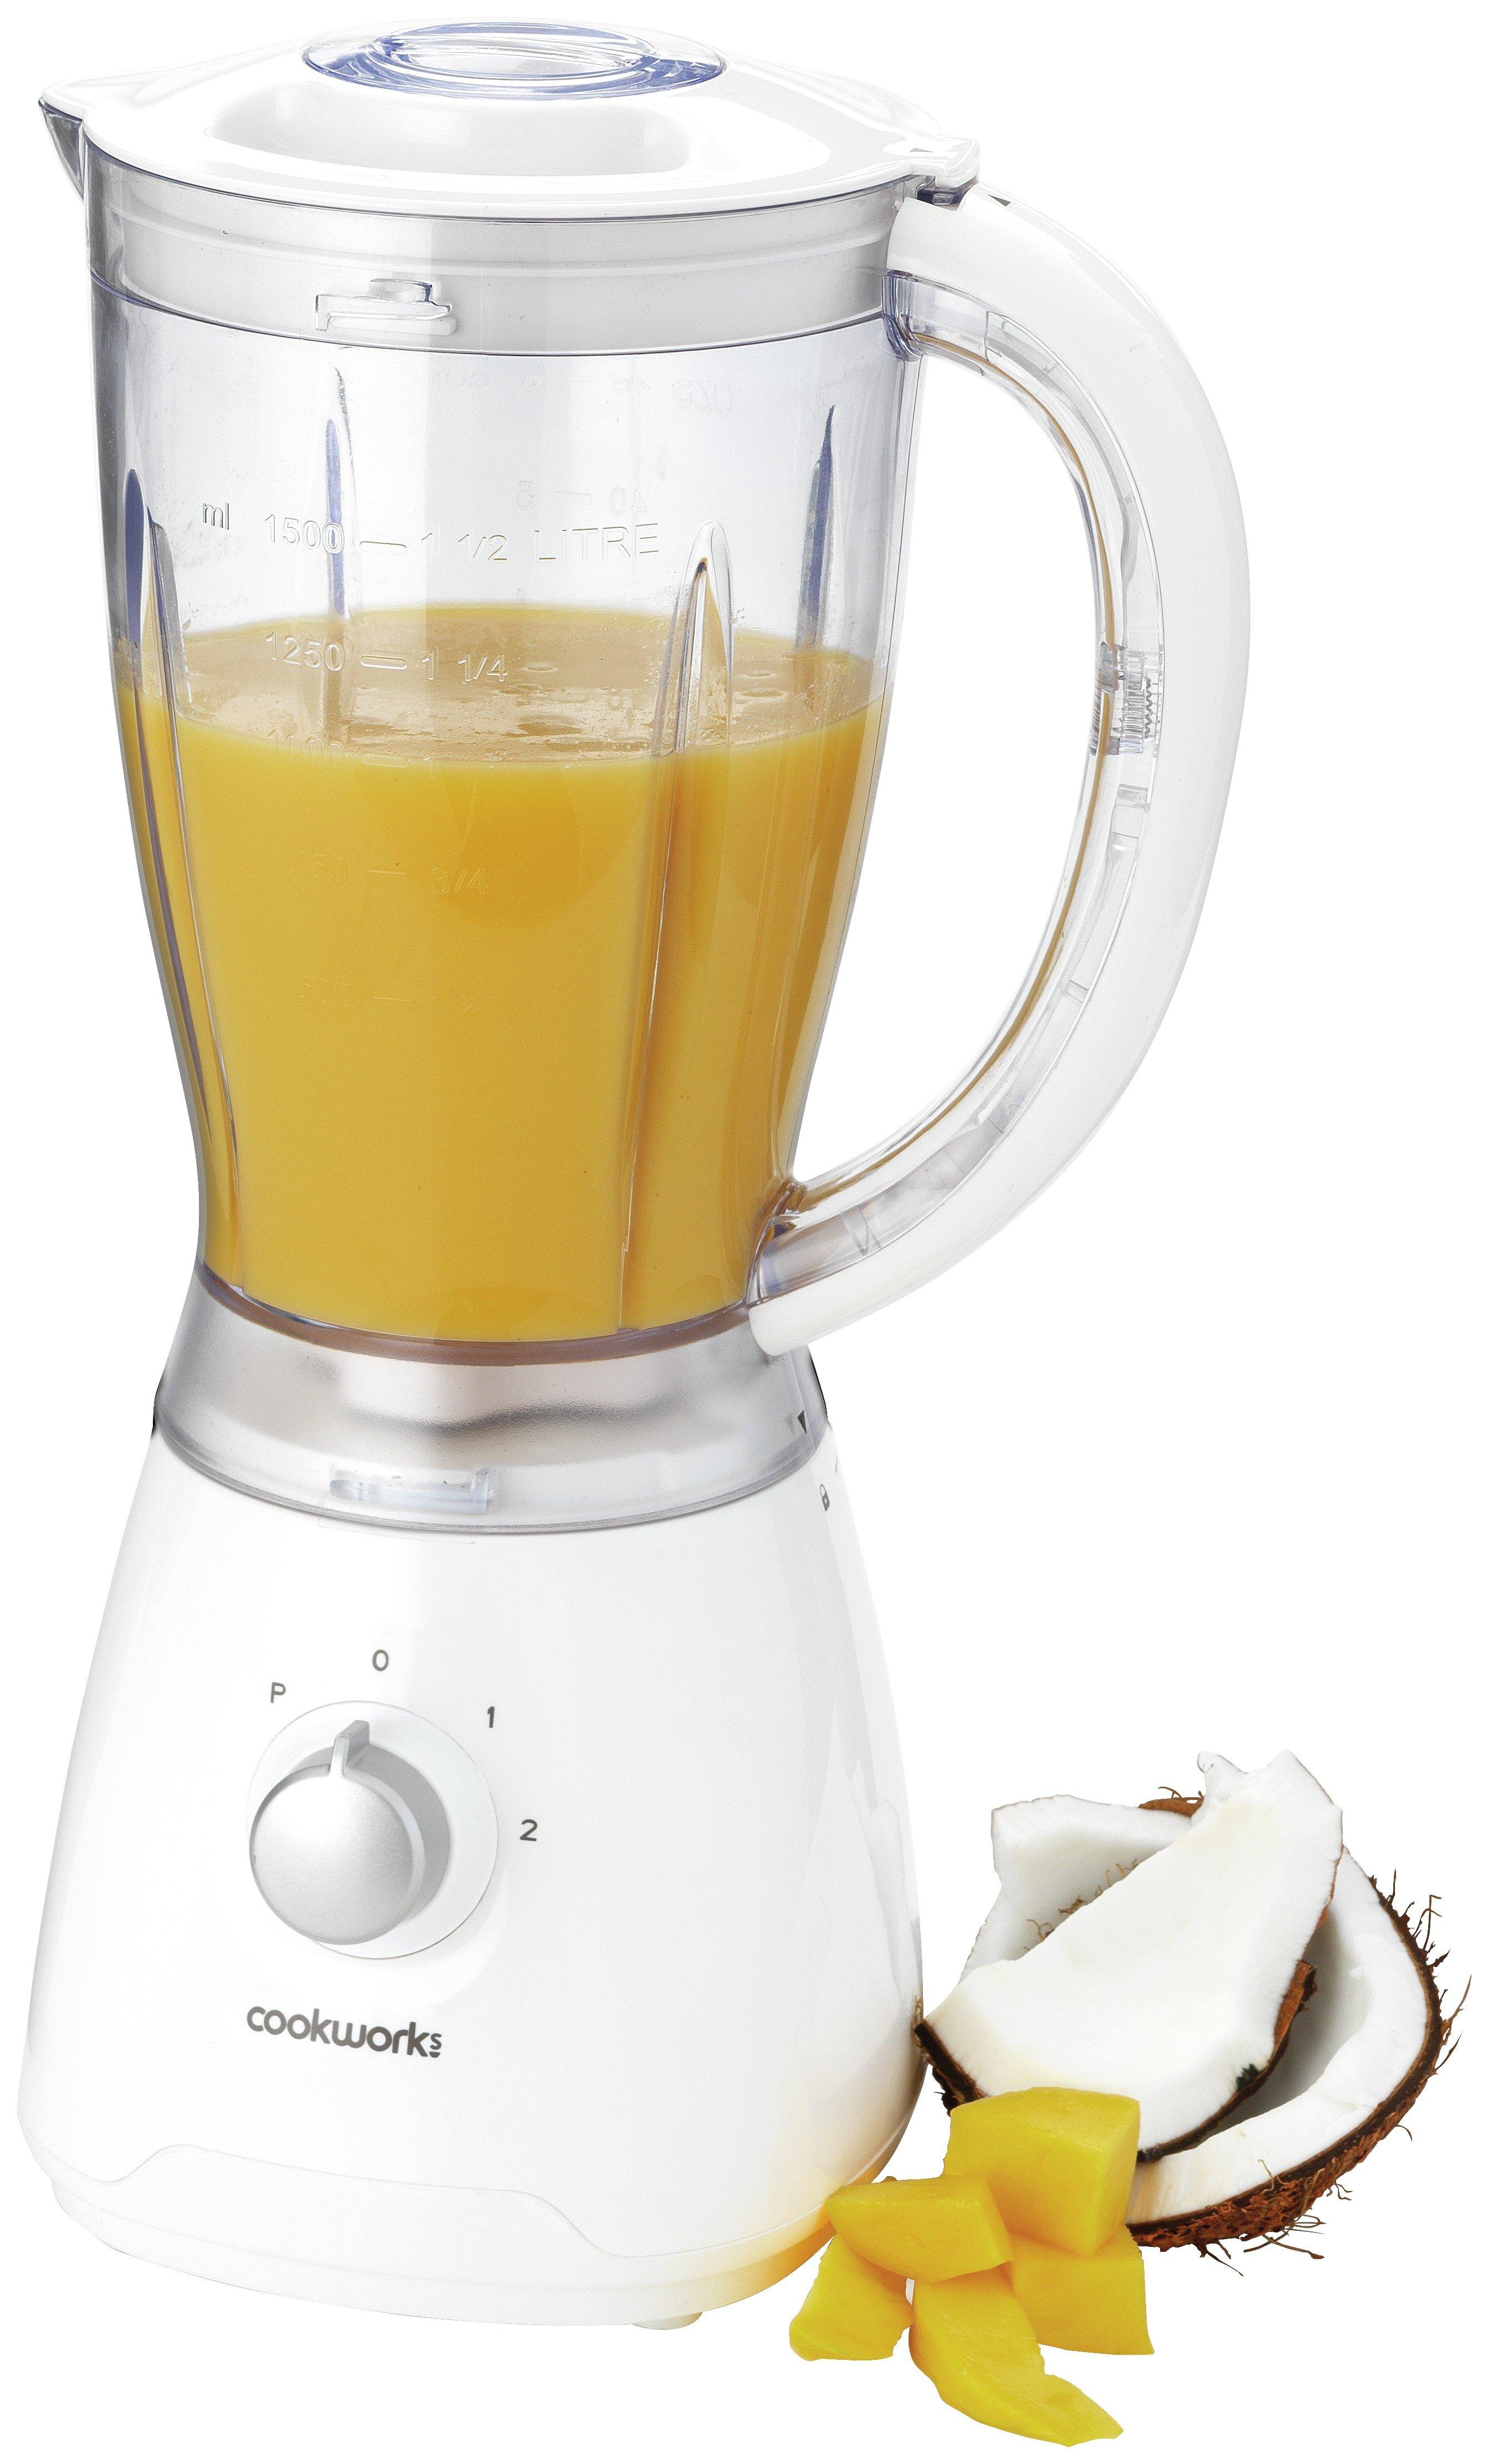 Image of Cookworks 1.5L Blender - White